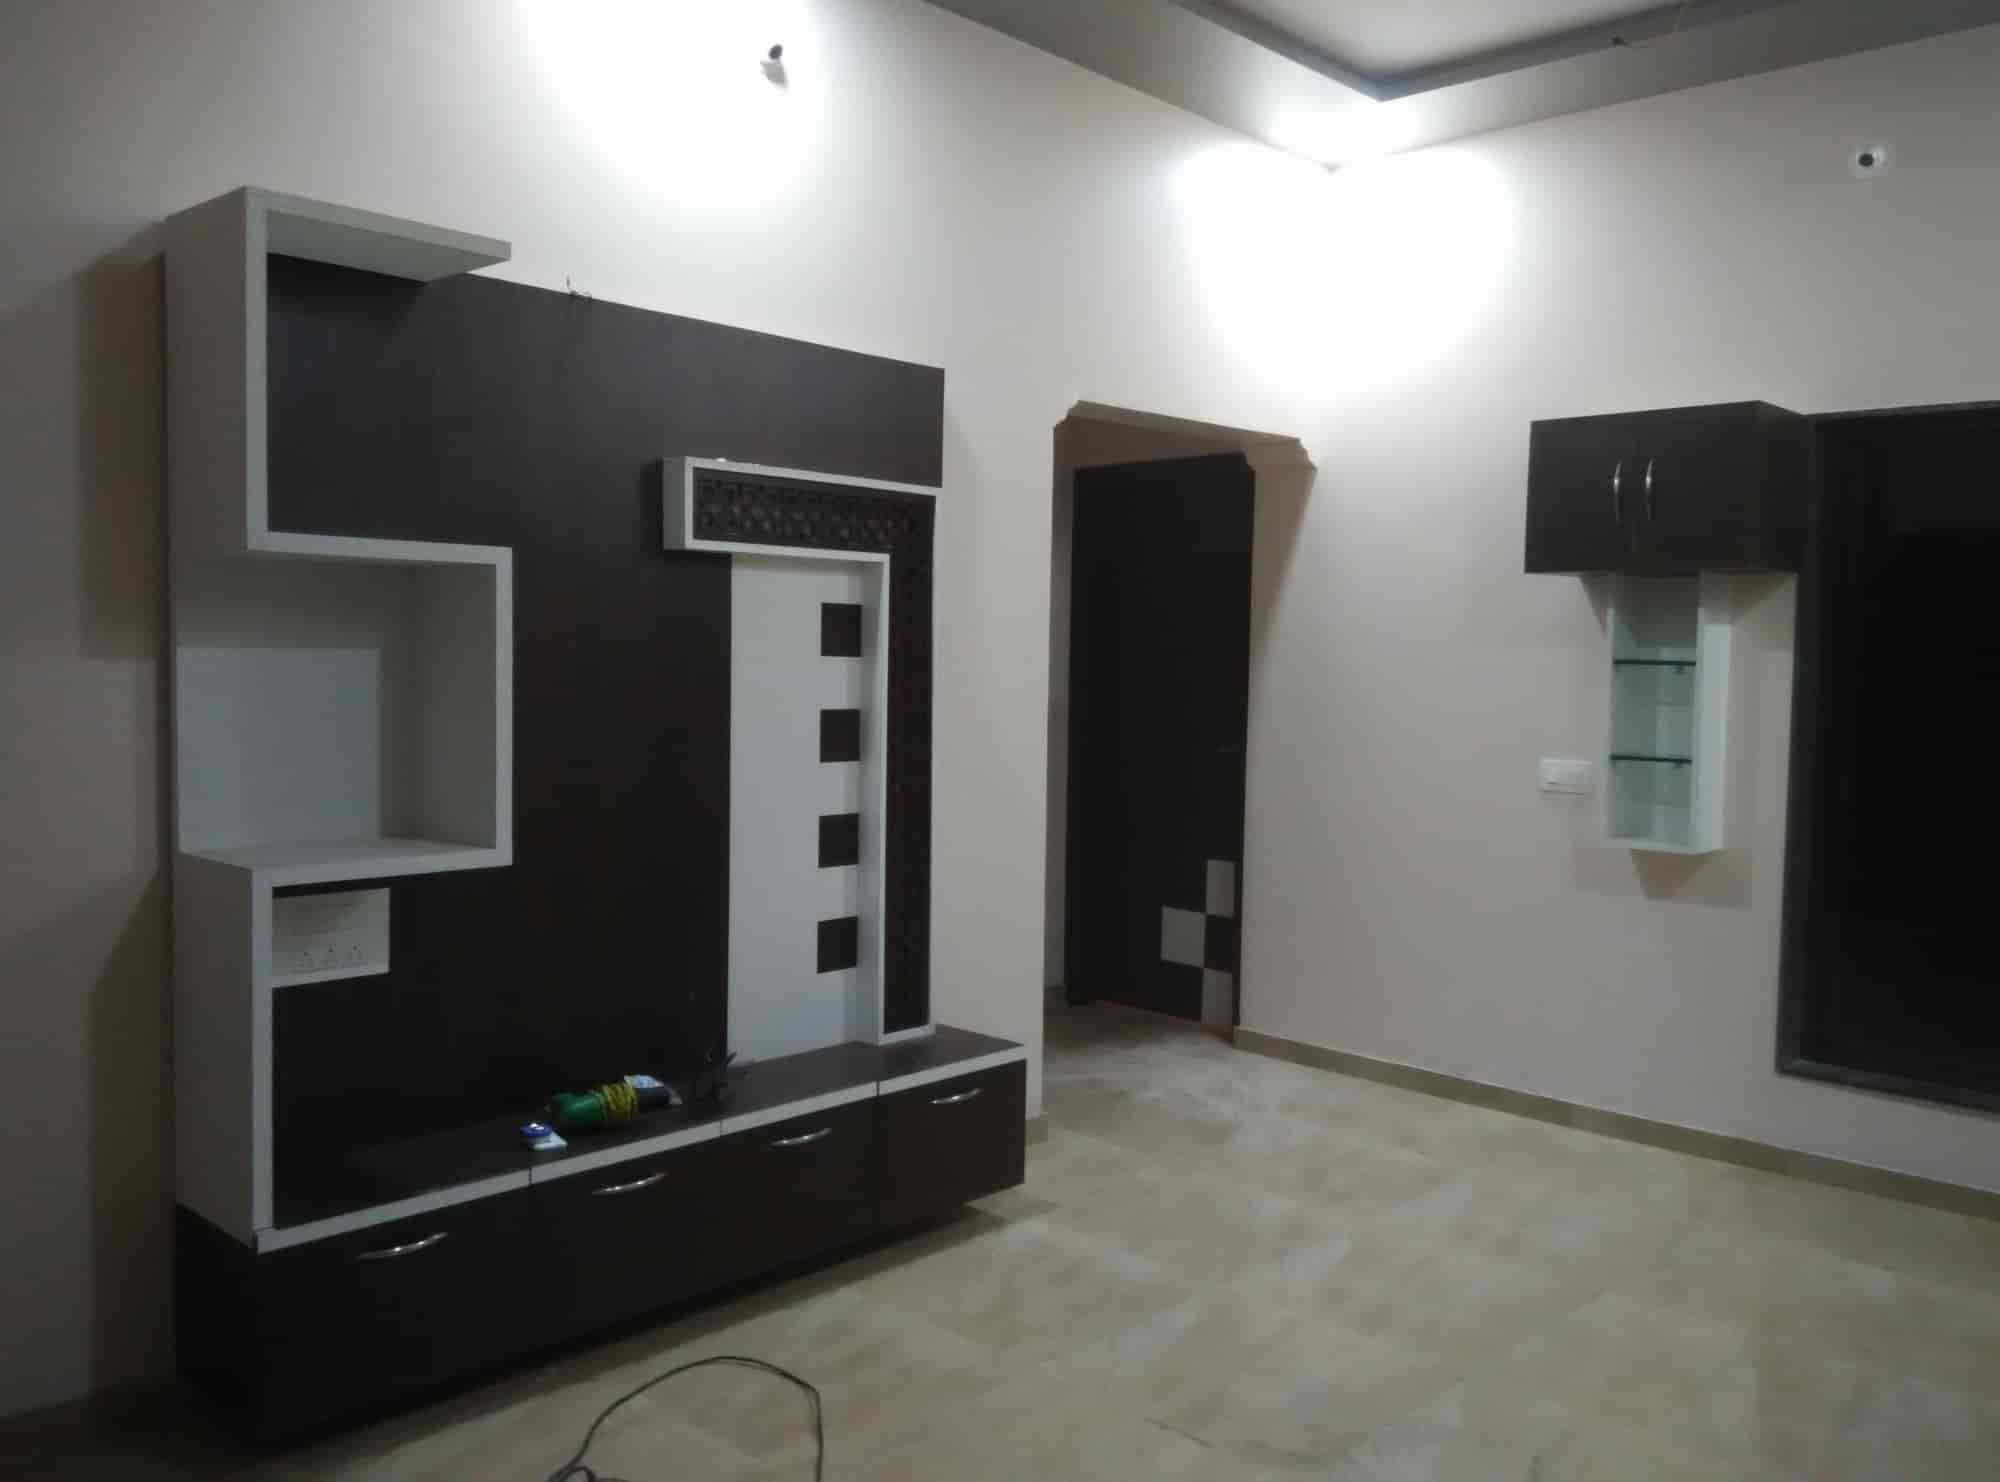 Unique Furniture Doors \u0026 Aluminium ittagi - Unique Molded Doors \u0026 Teek Wood Doors - Furniture Dealers in Bijapur-Karnataka - Justdial & Unique Furniture Doors \u0026 Aluminium ittagi - Unique Molded Doors ...